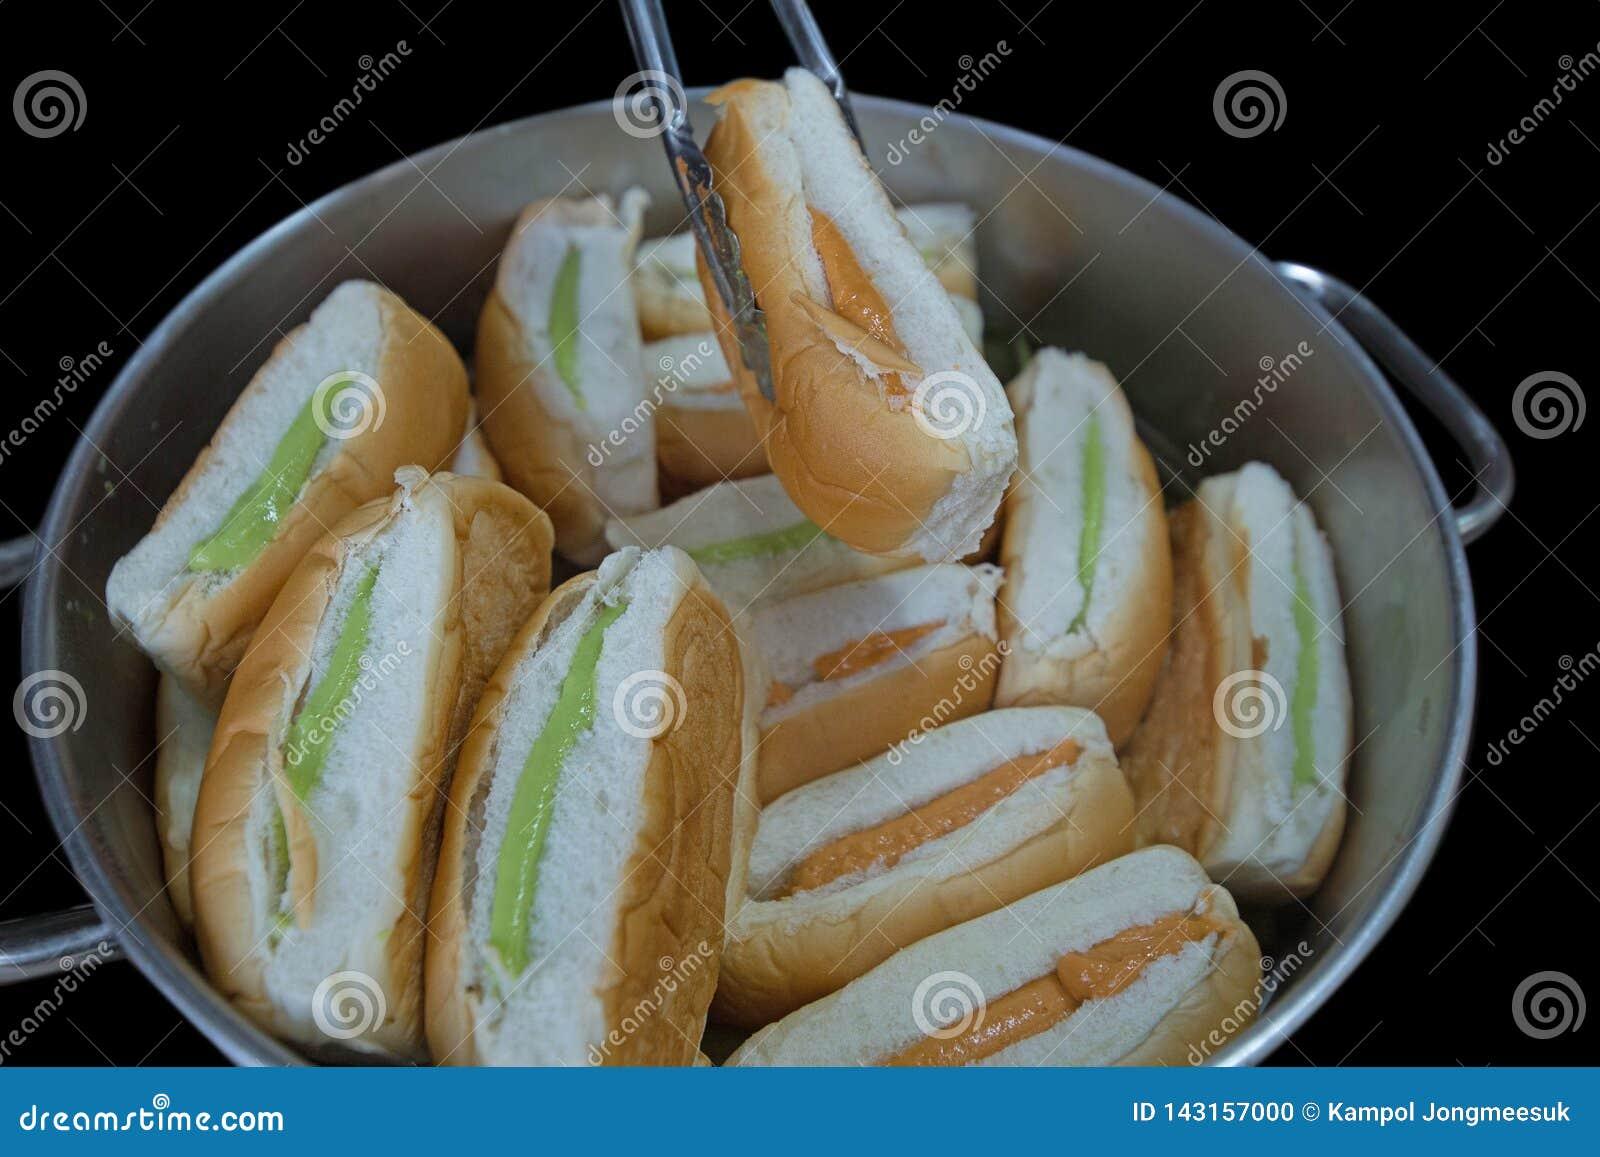 Tajlandzki Custard chleb w aluminums puszkuje, skupia się, selekcyjnego